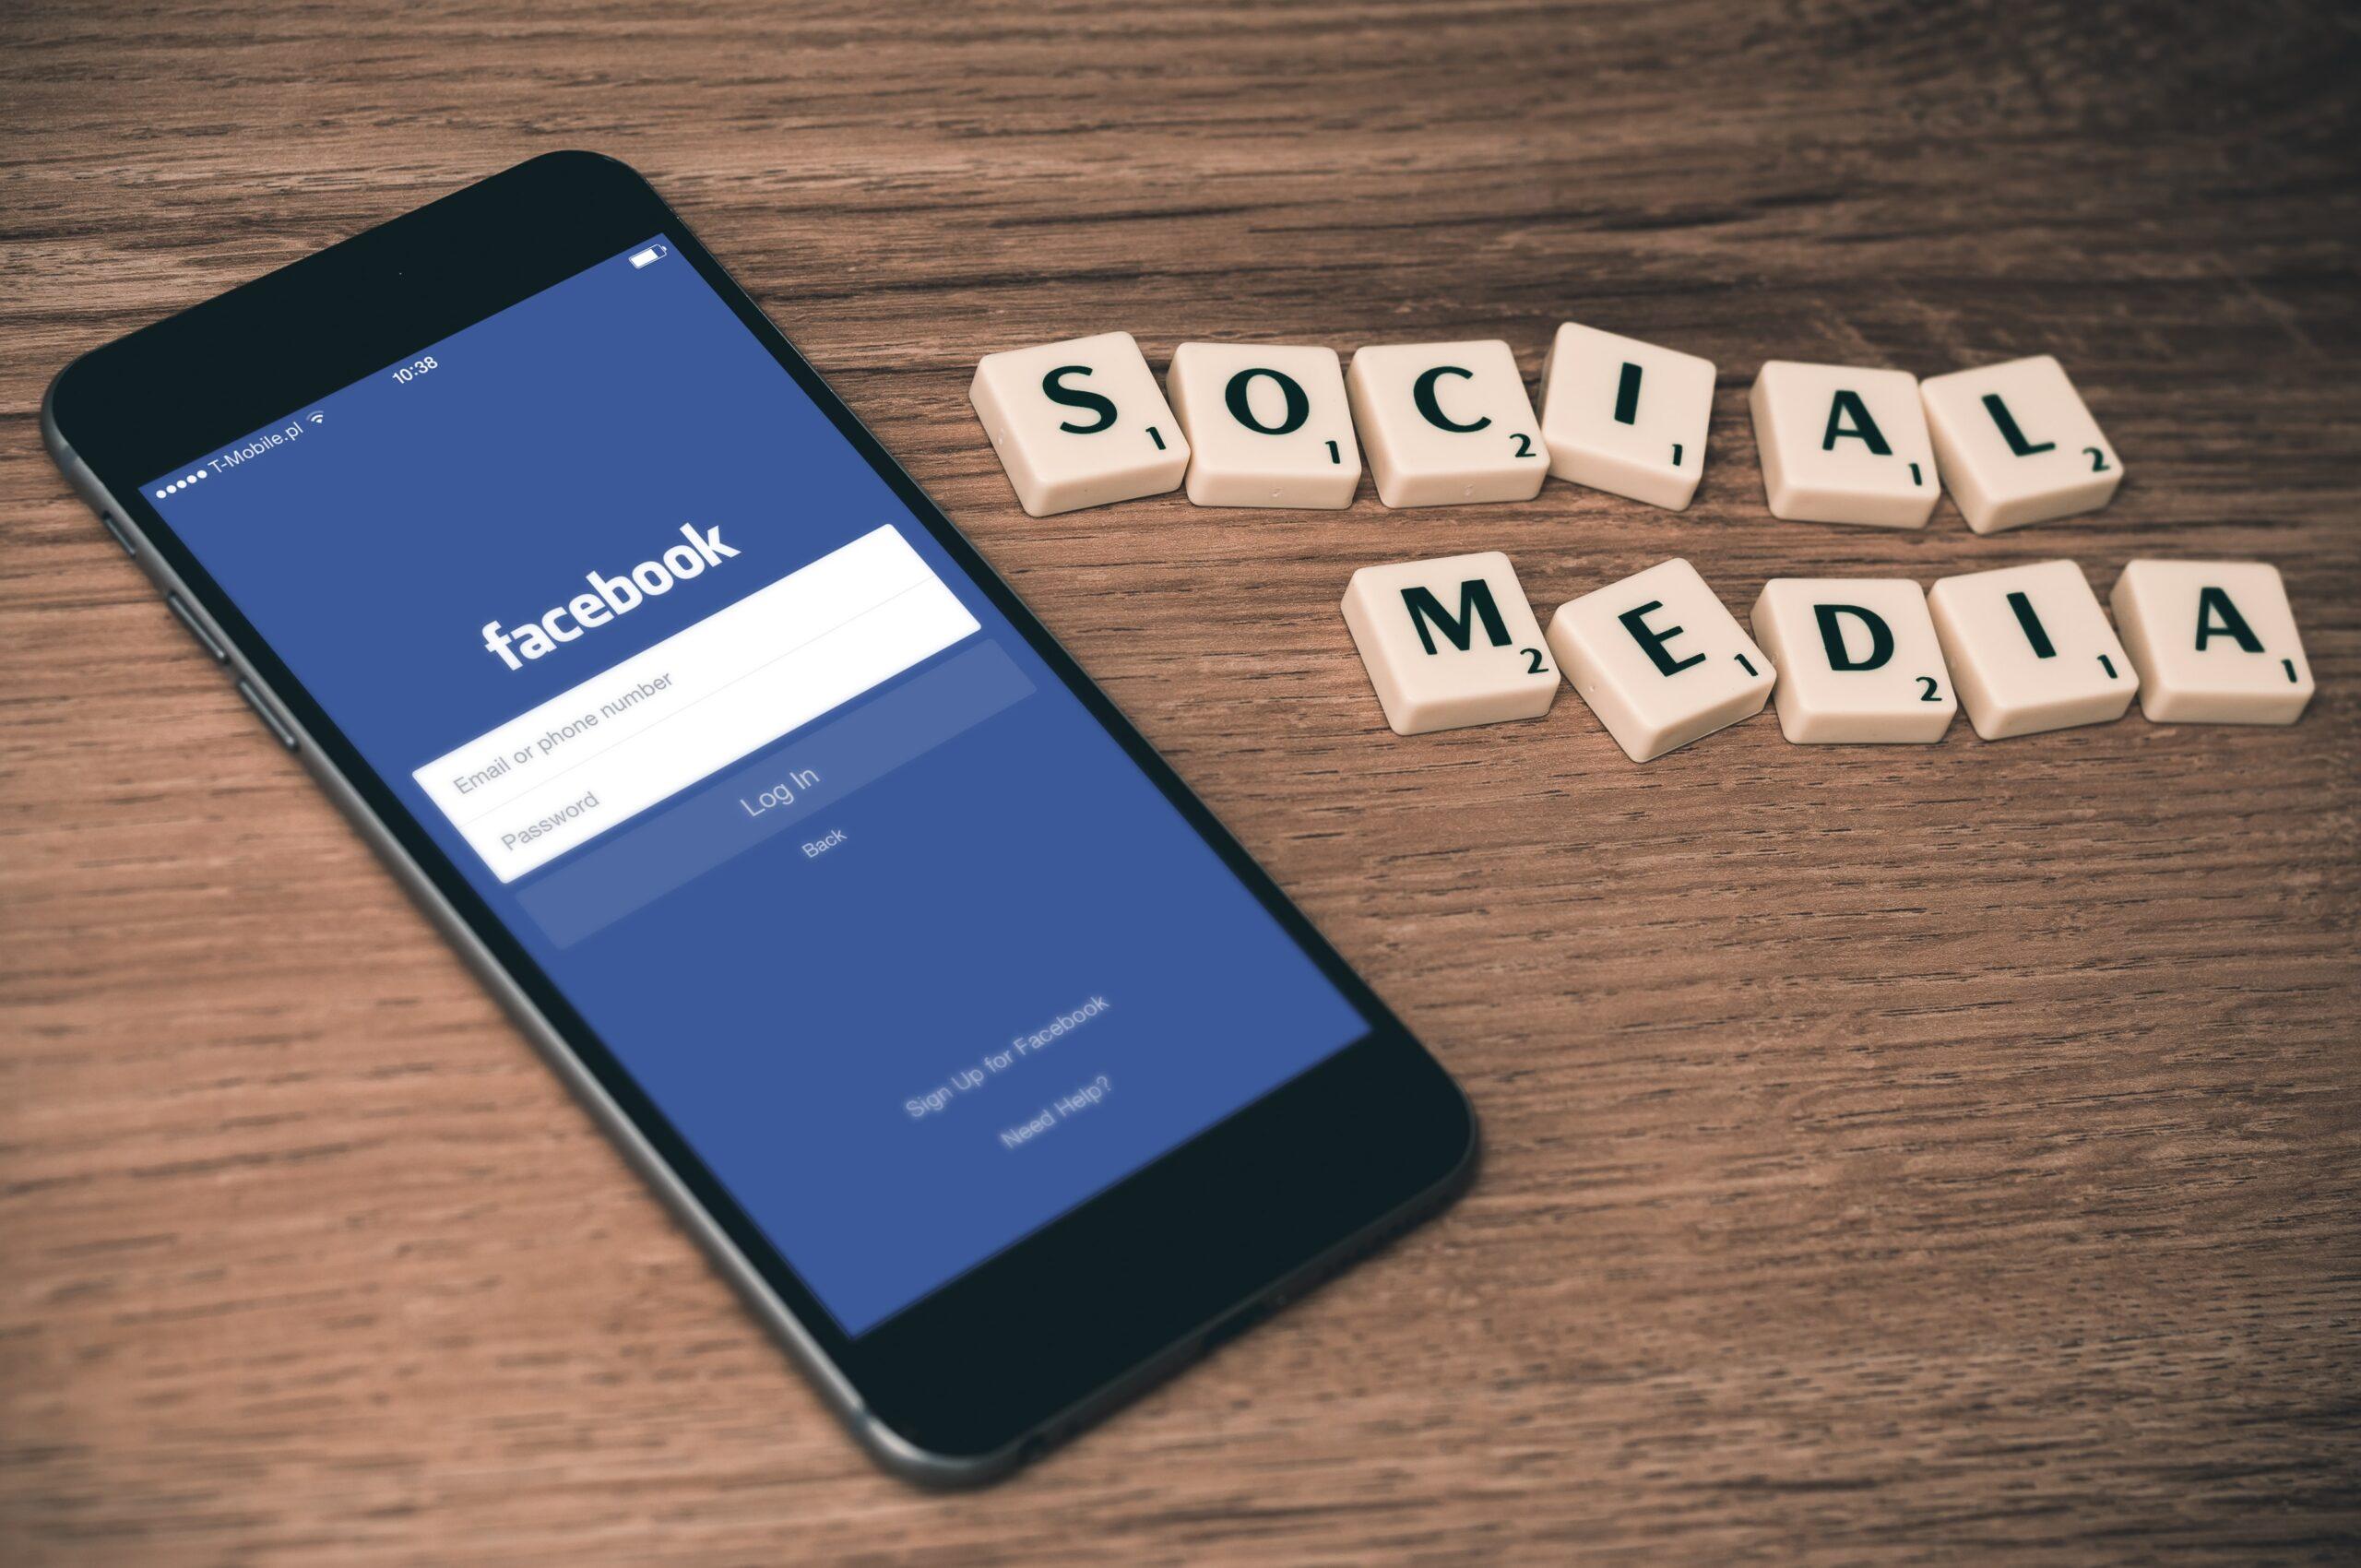 digital marketing and social media marketing